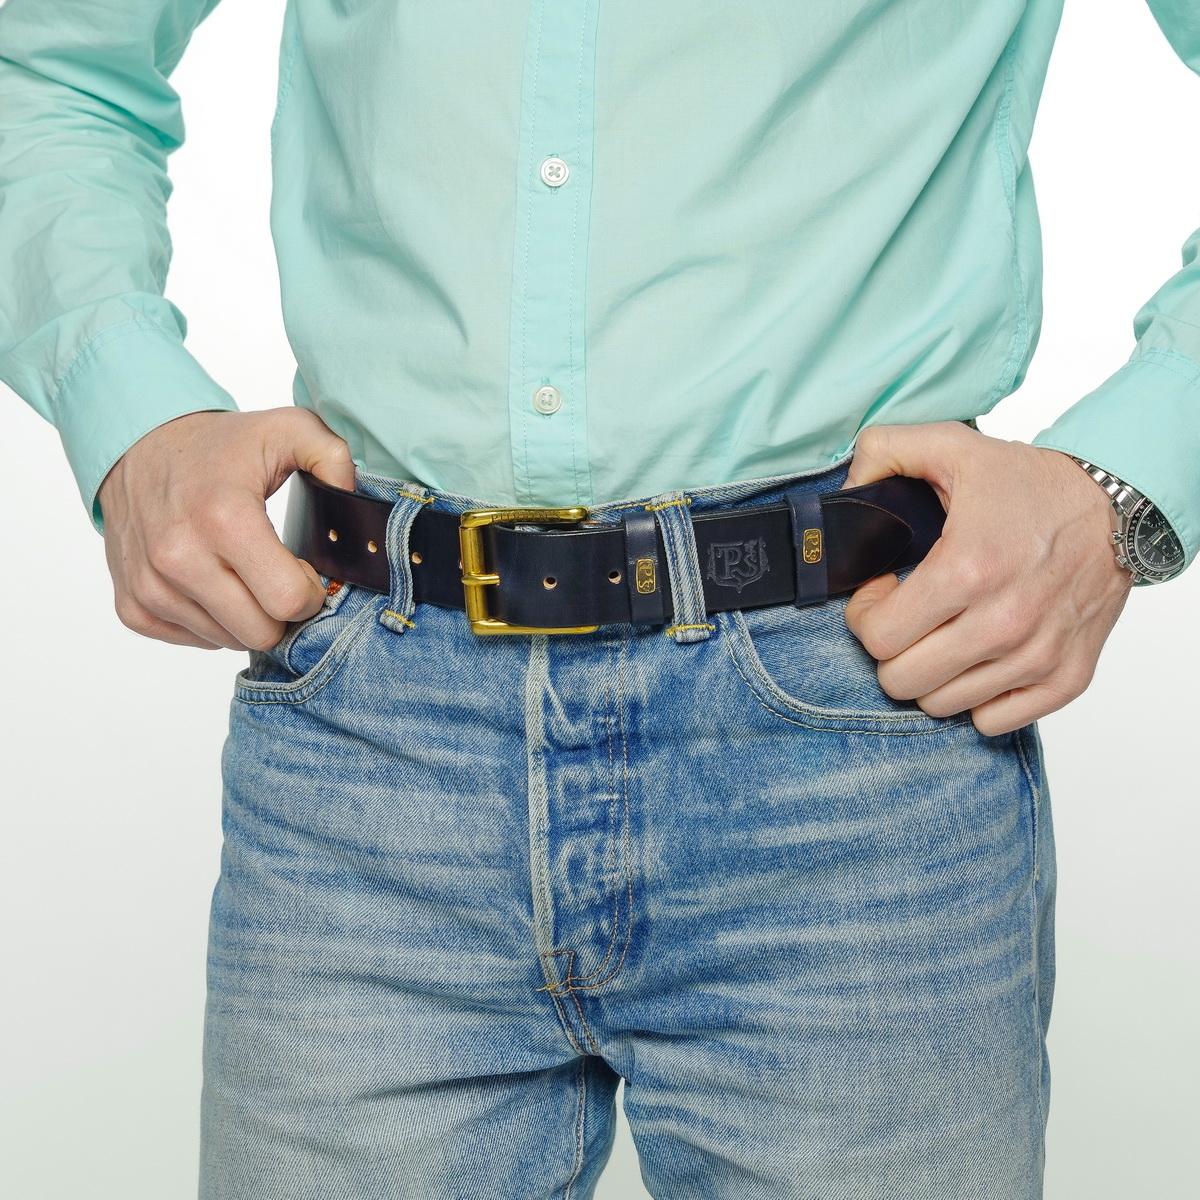 Широкий джинсовый ремень с латунной пряжкой 40мм синий глубокий